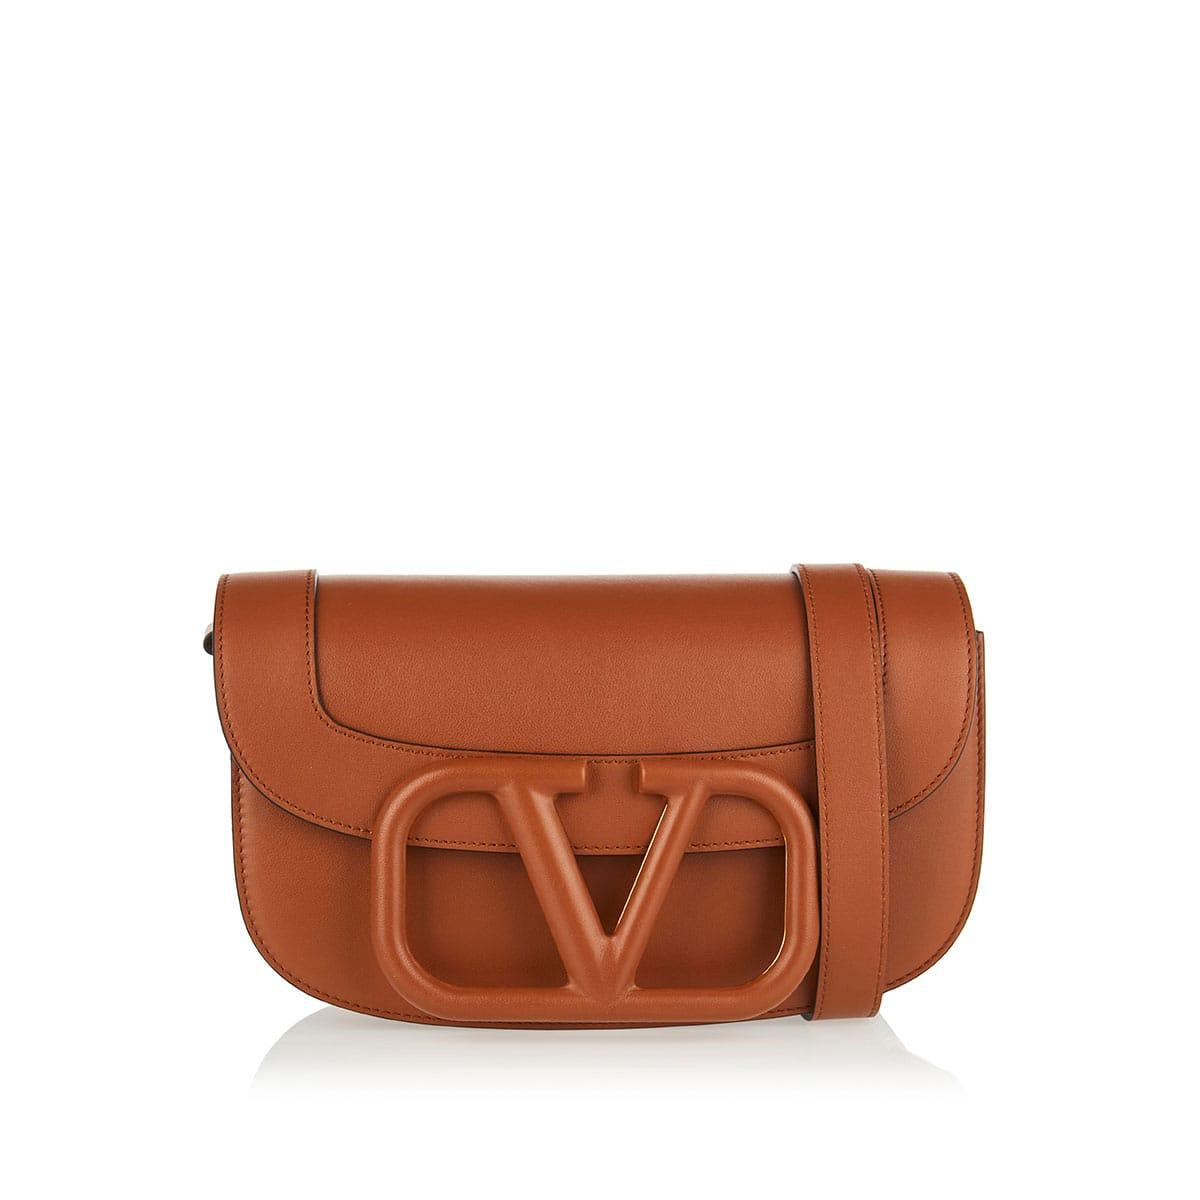 Supervee leather shoulder bag